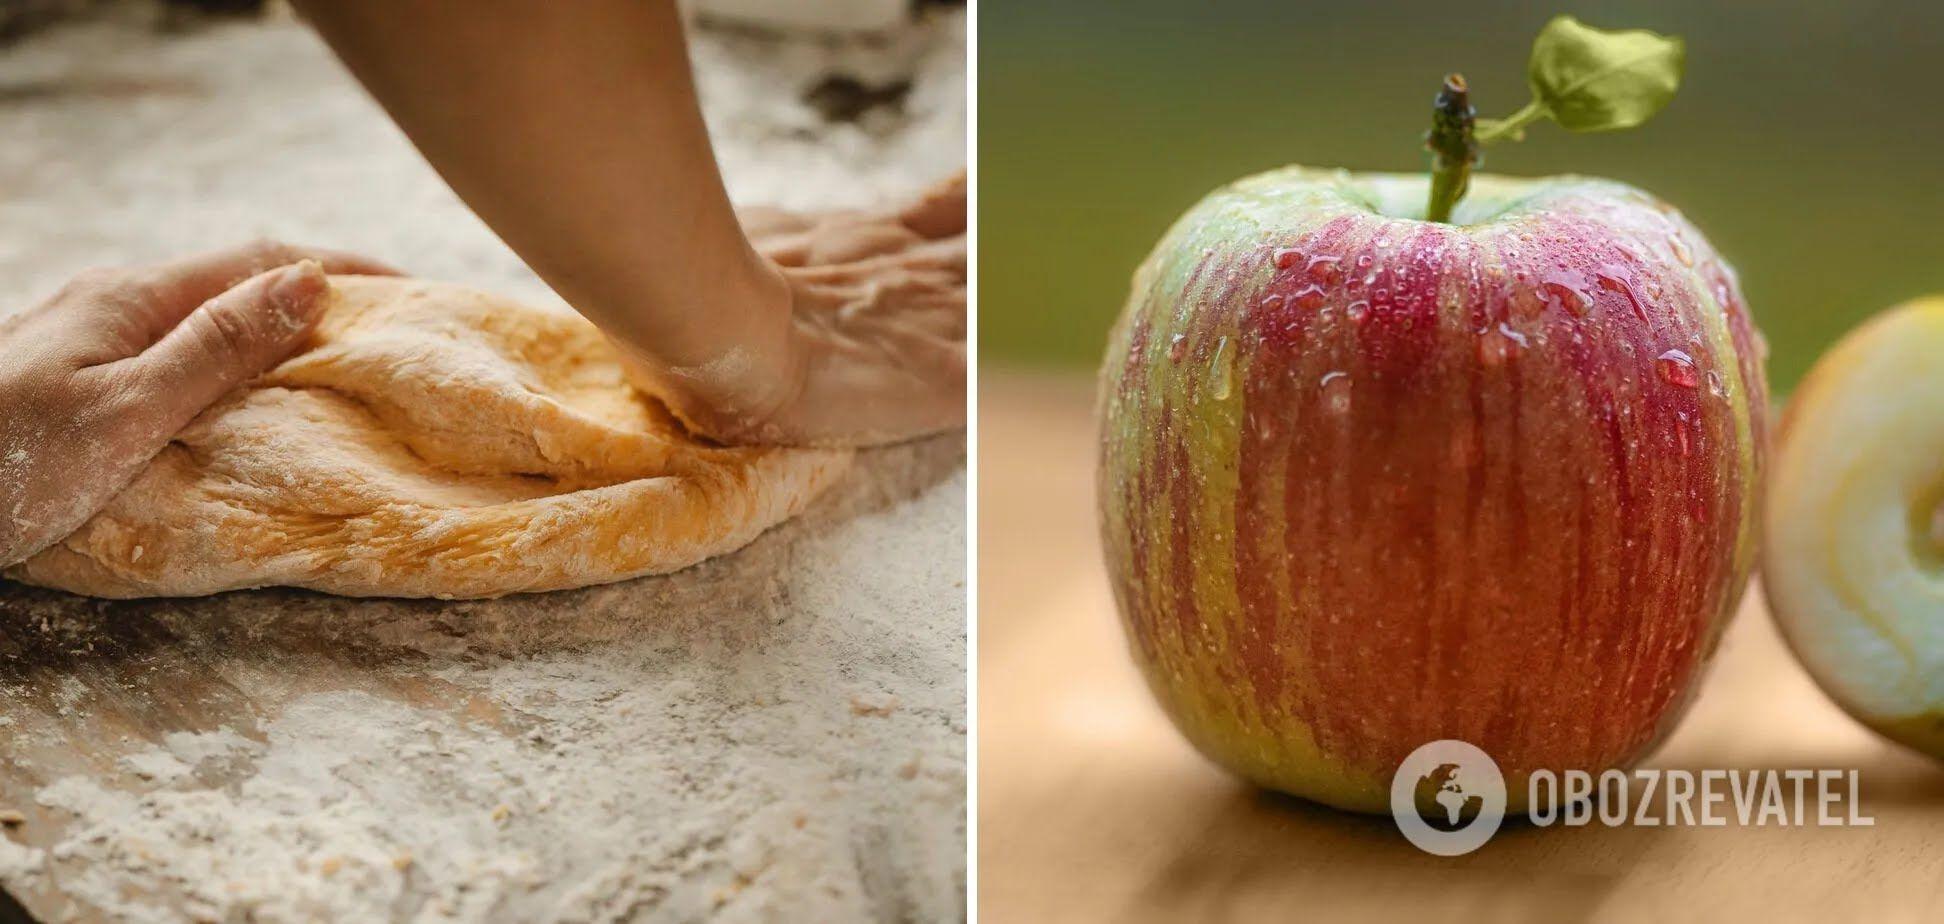 Технология приготовления теста для пирога с яблоками